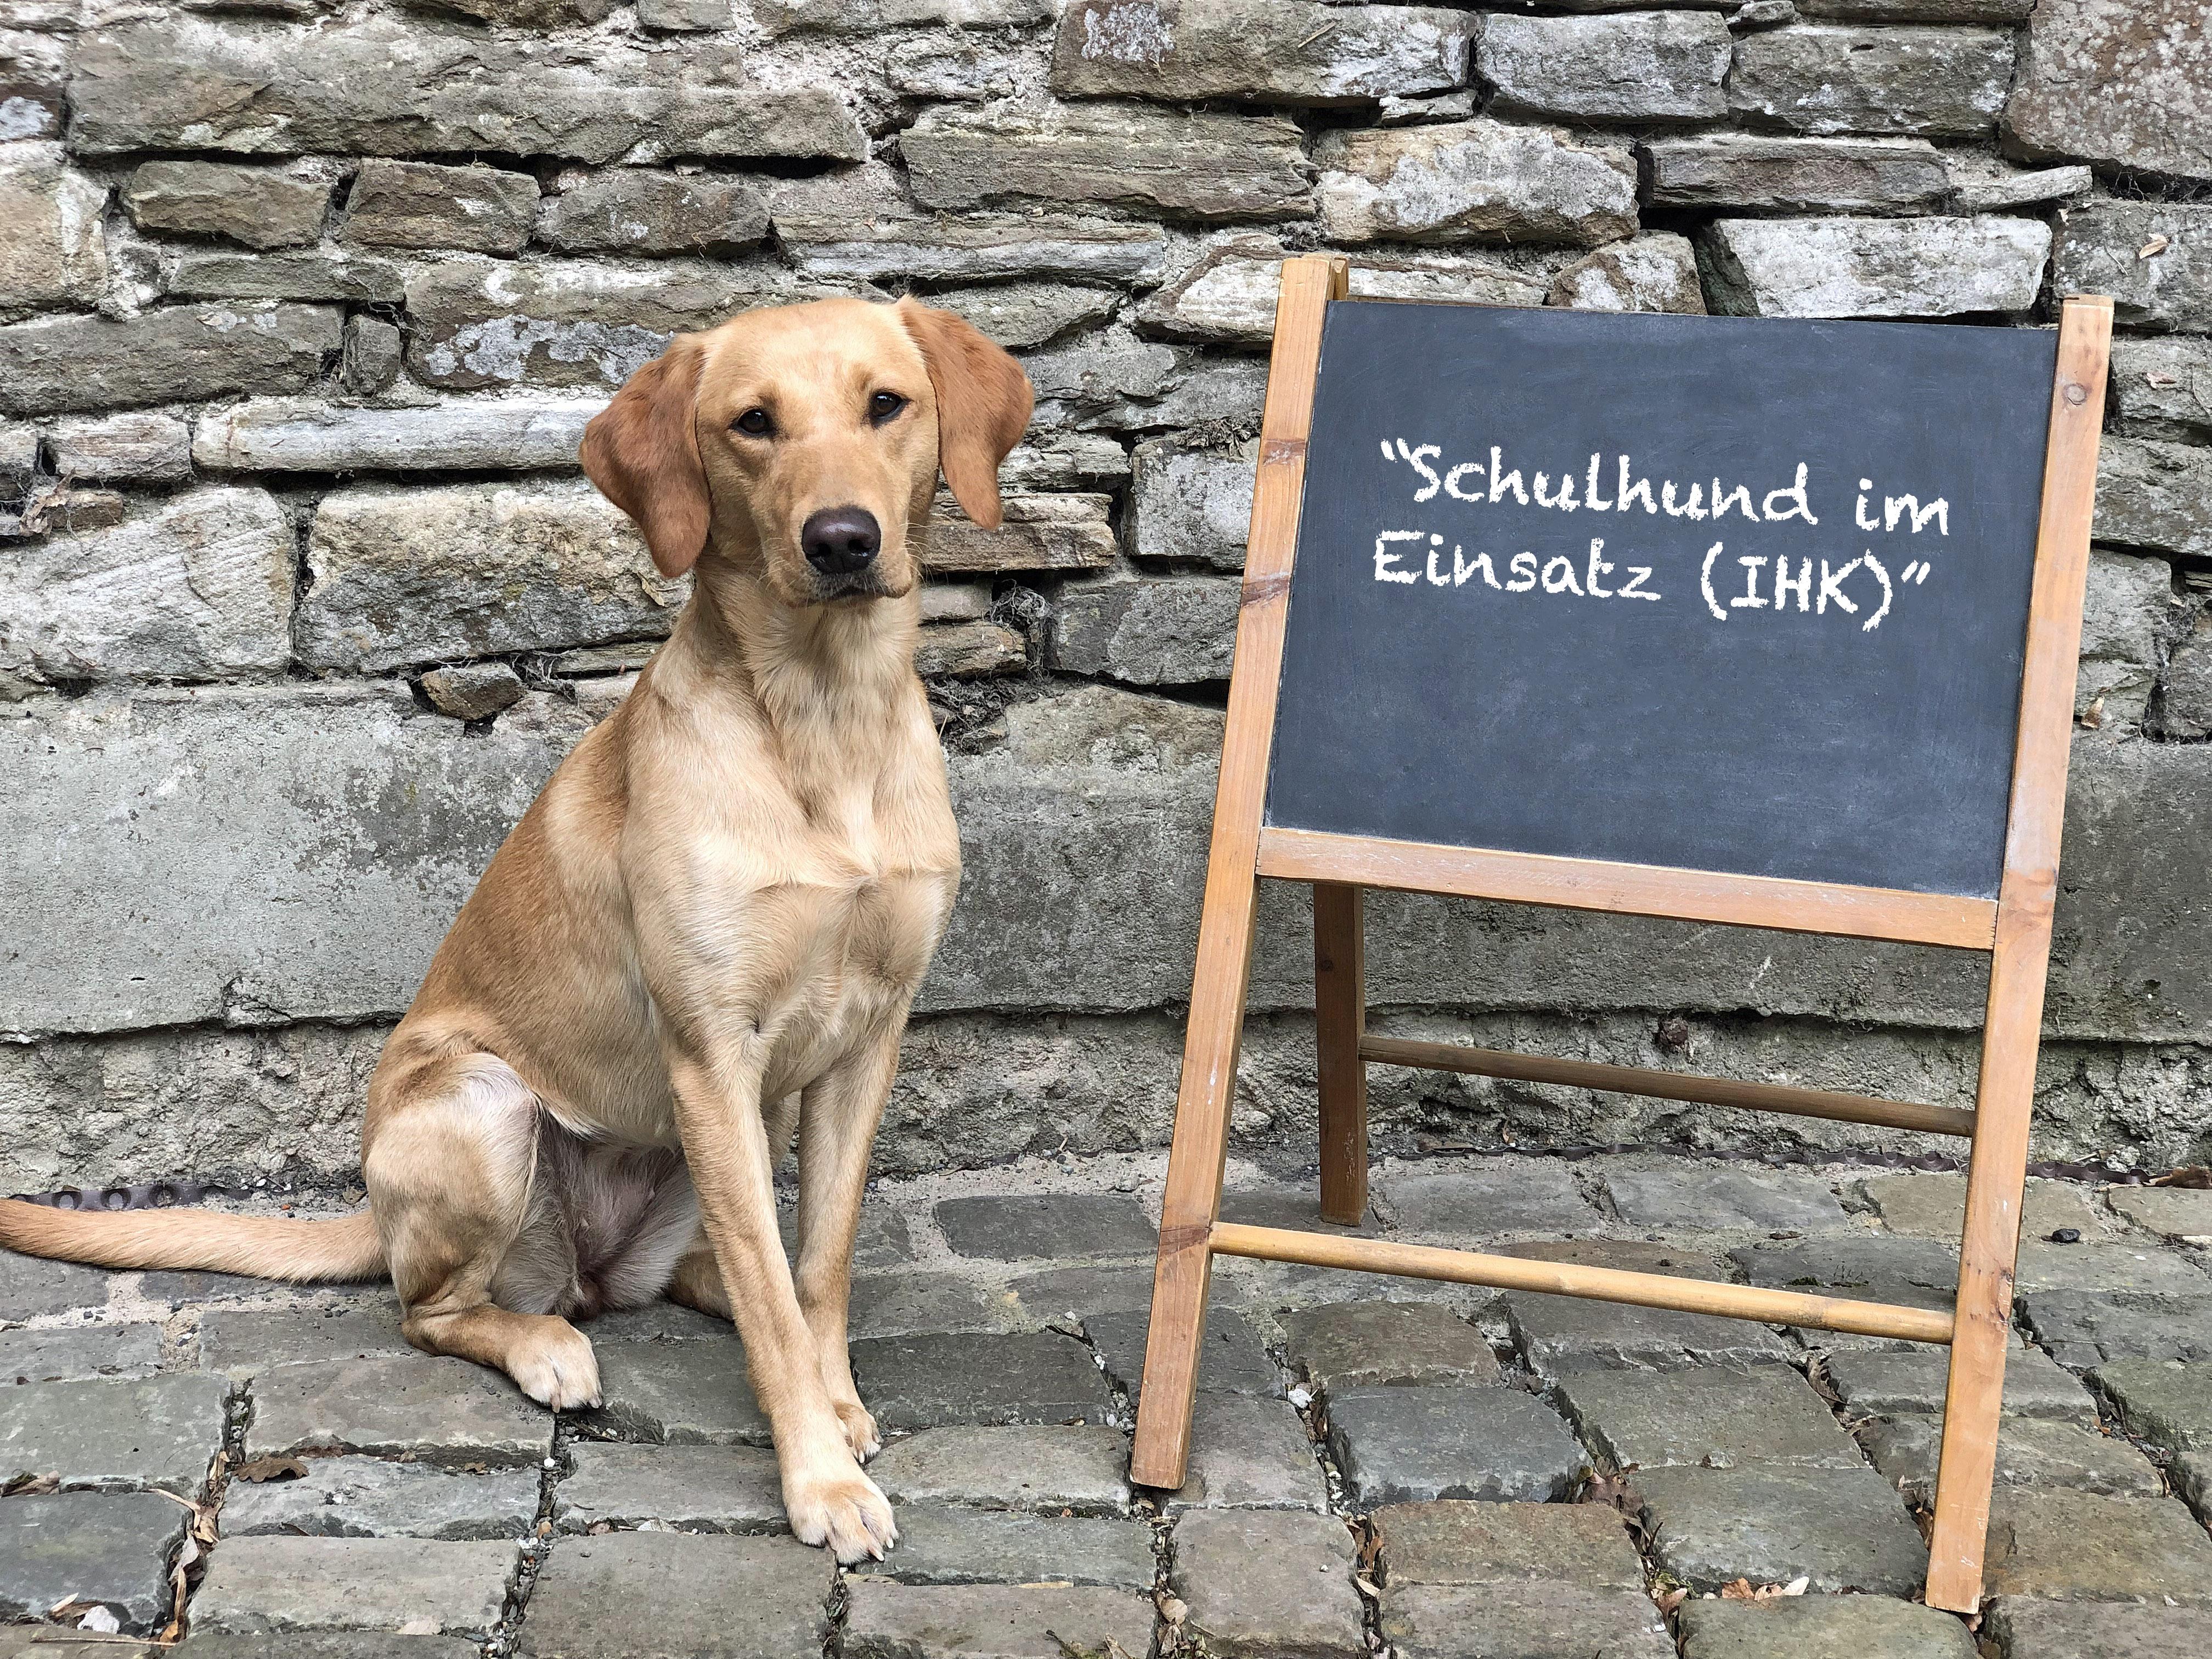 Lehrgang Schulhund im Einsatz (IHK)